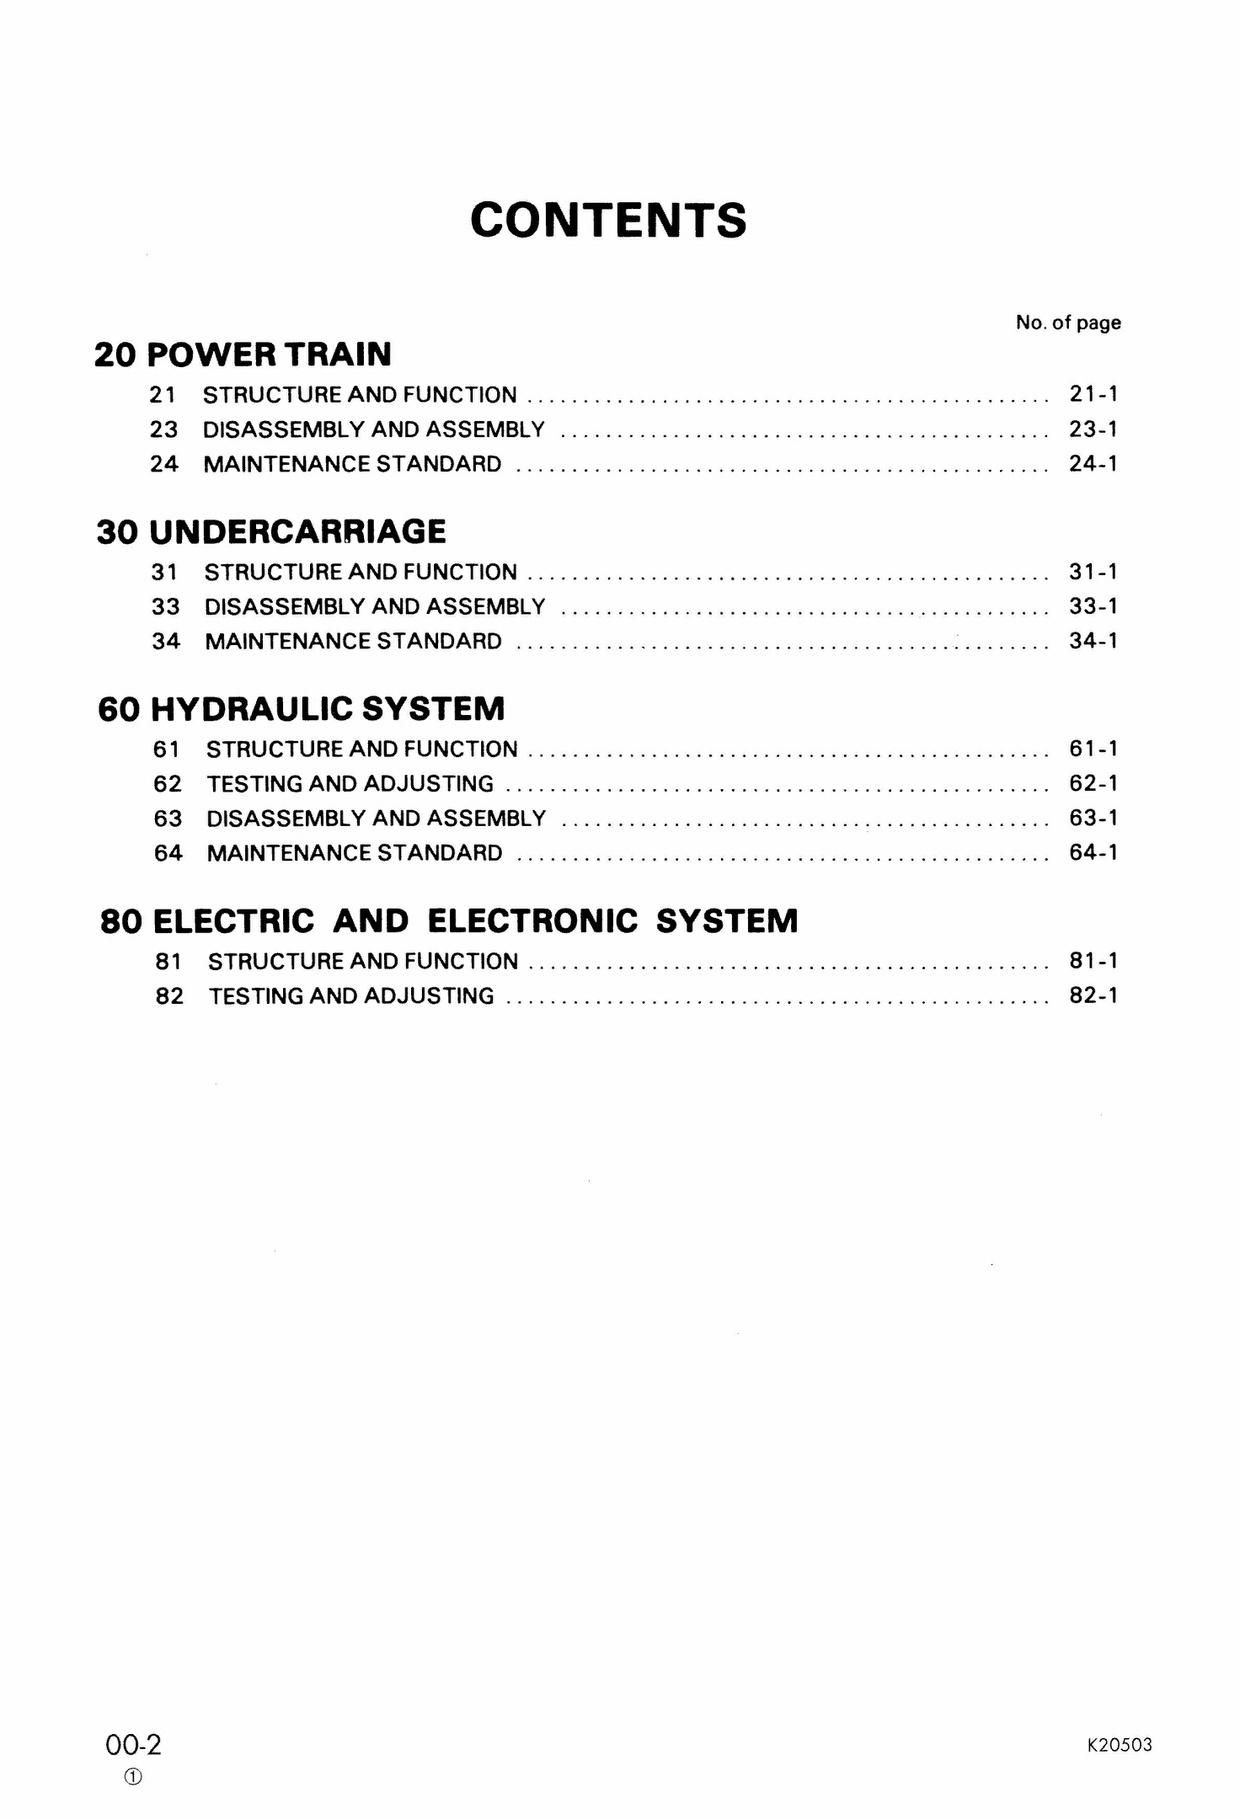 Komatsu PC210-3KP - PC240NLC-3KP Excavator Service Shop Manual Download (SN K15001 and up)